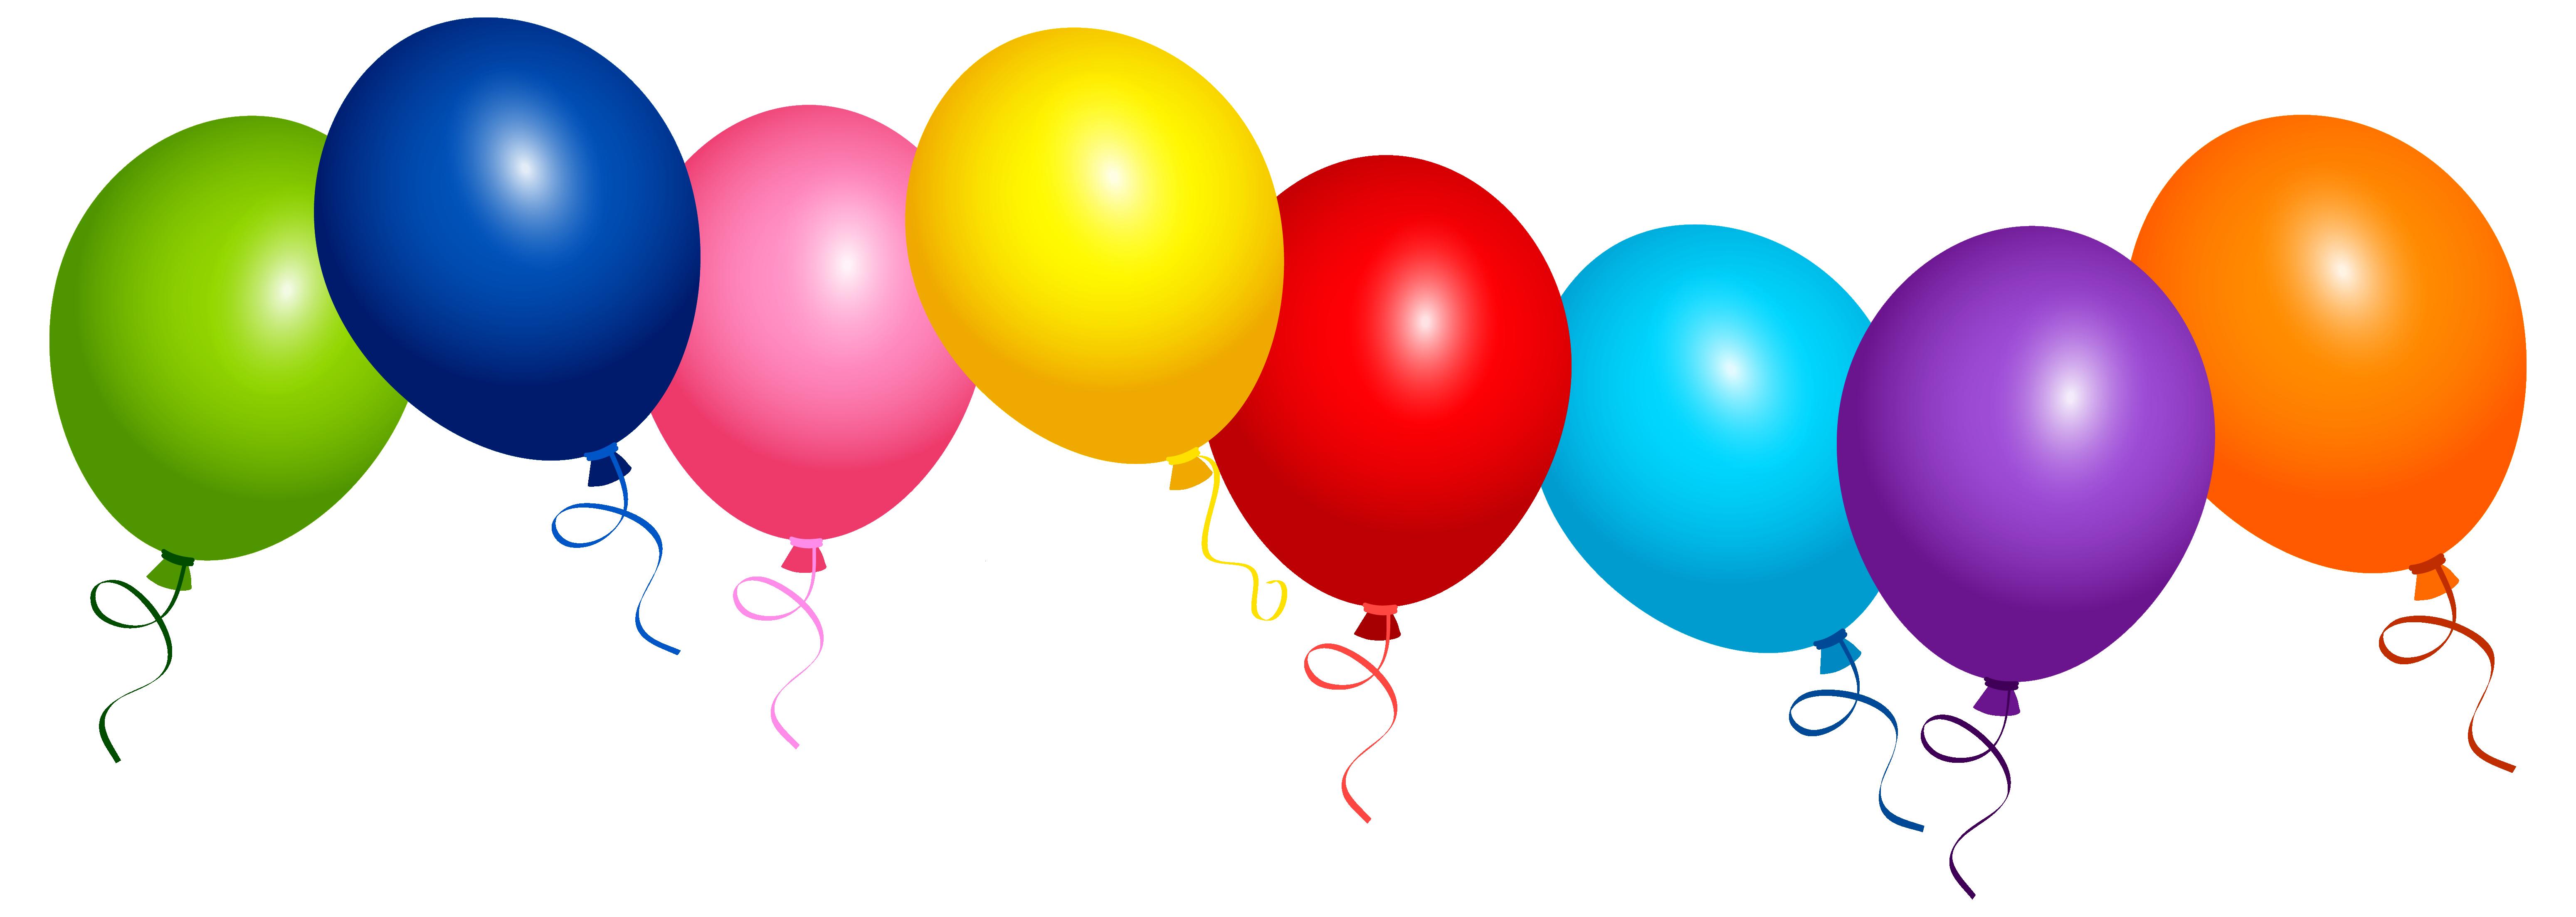 Ballons Clipart.